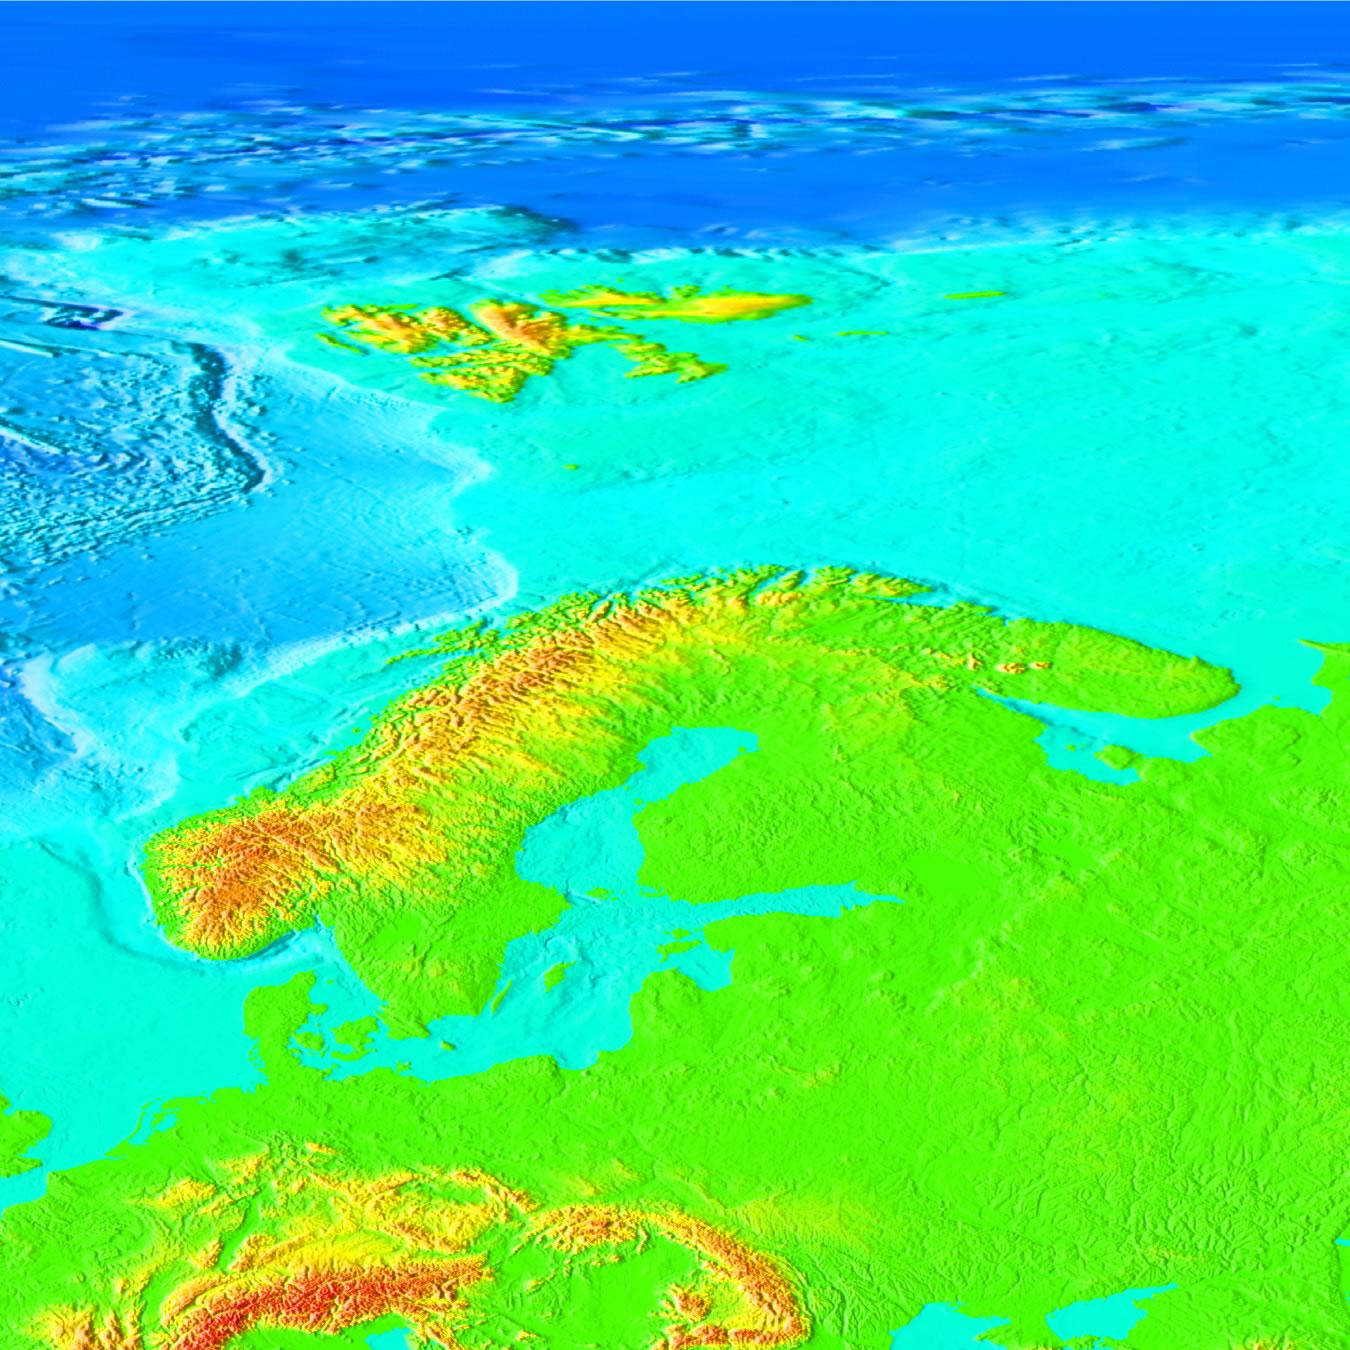 Topography Of The Ocean Floor